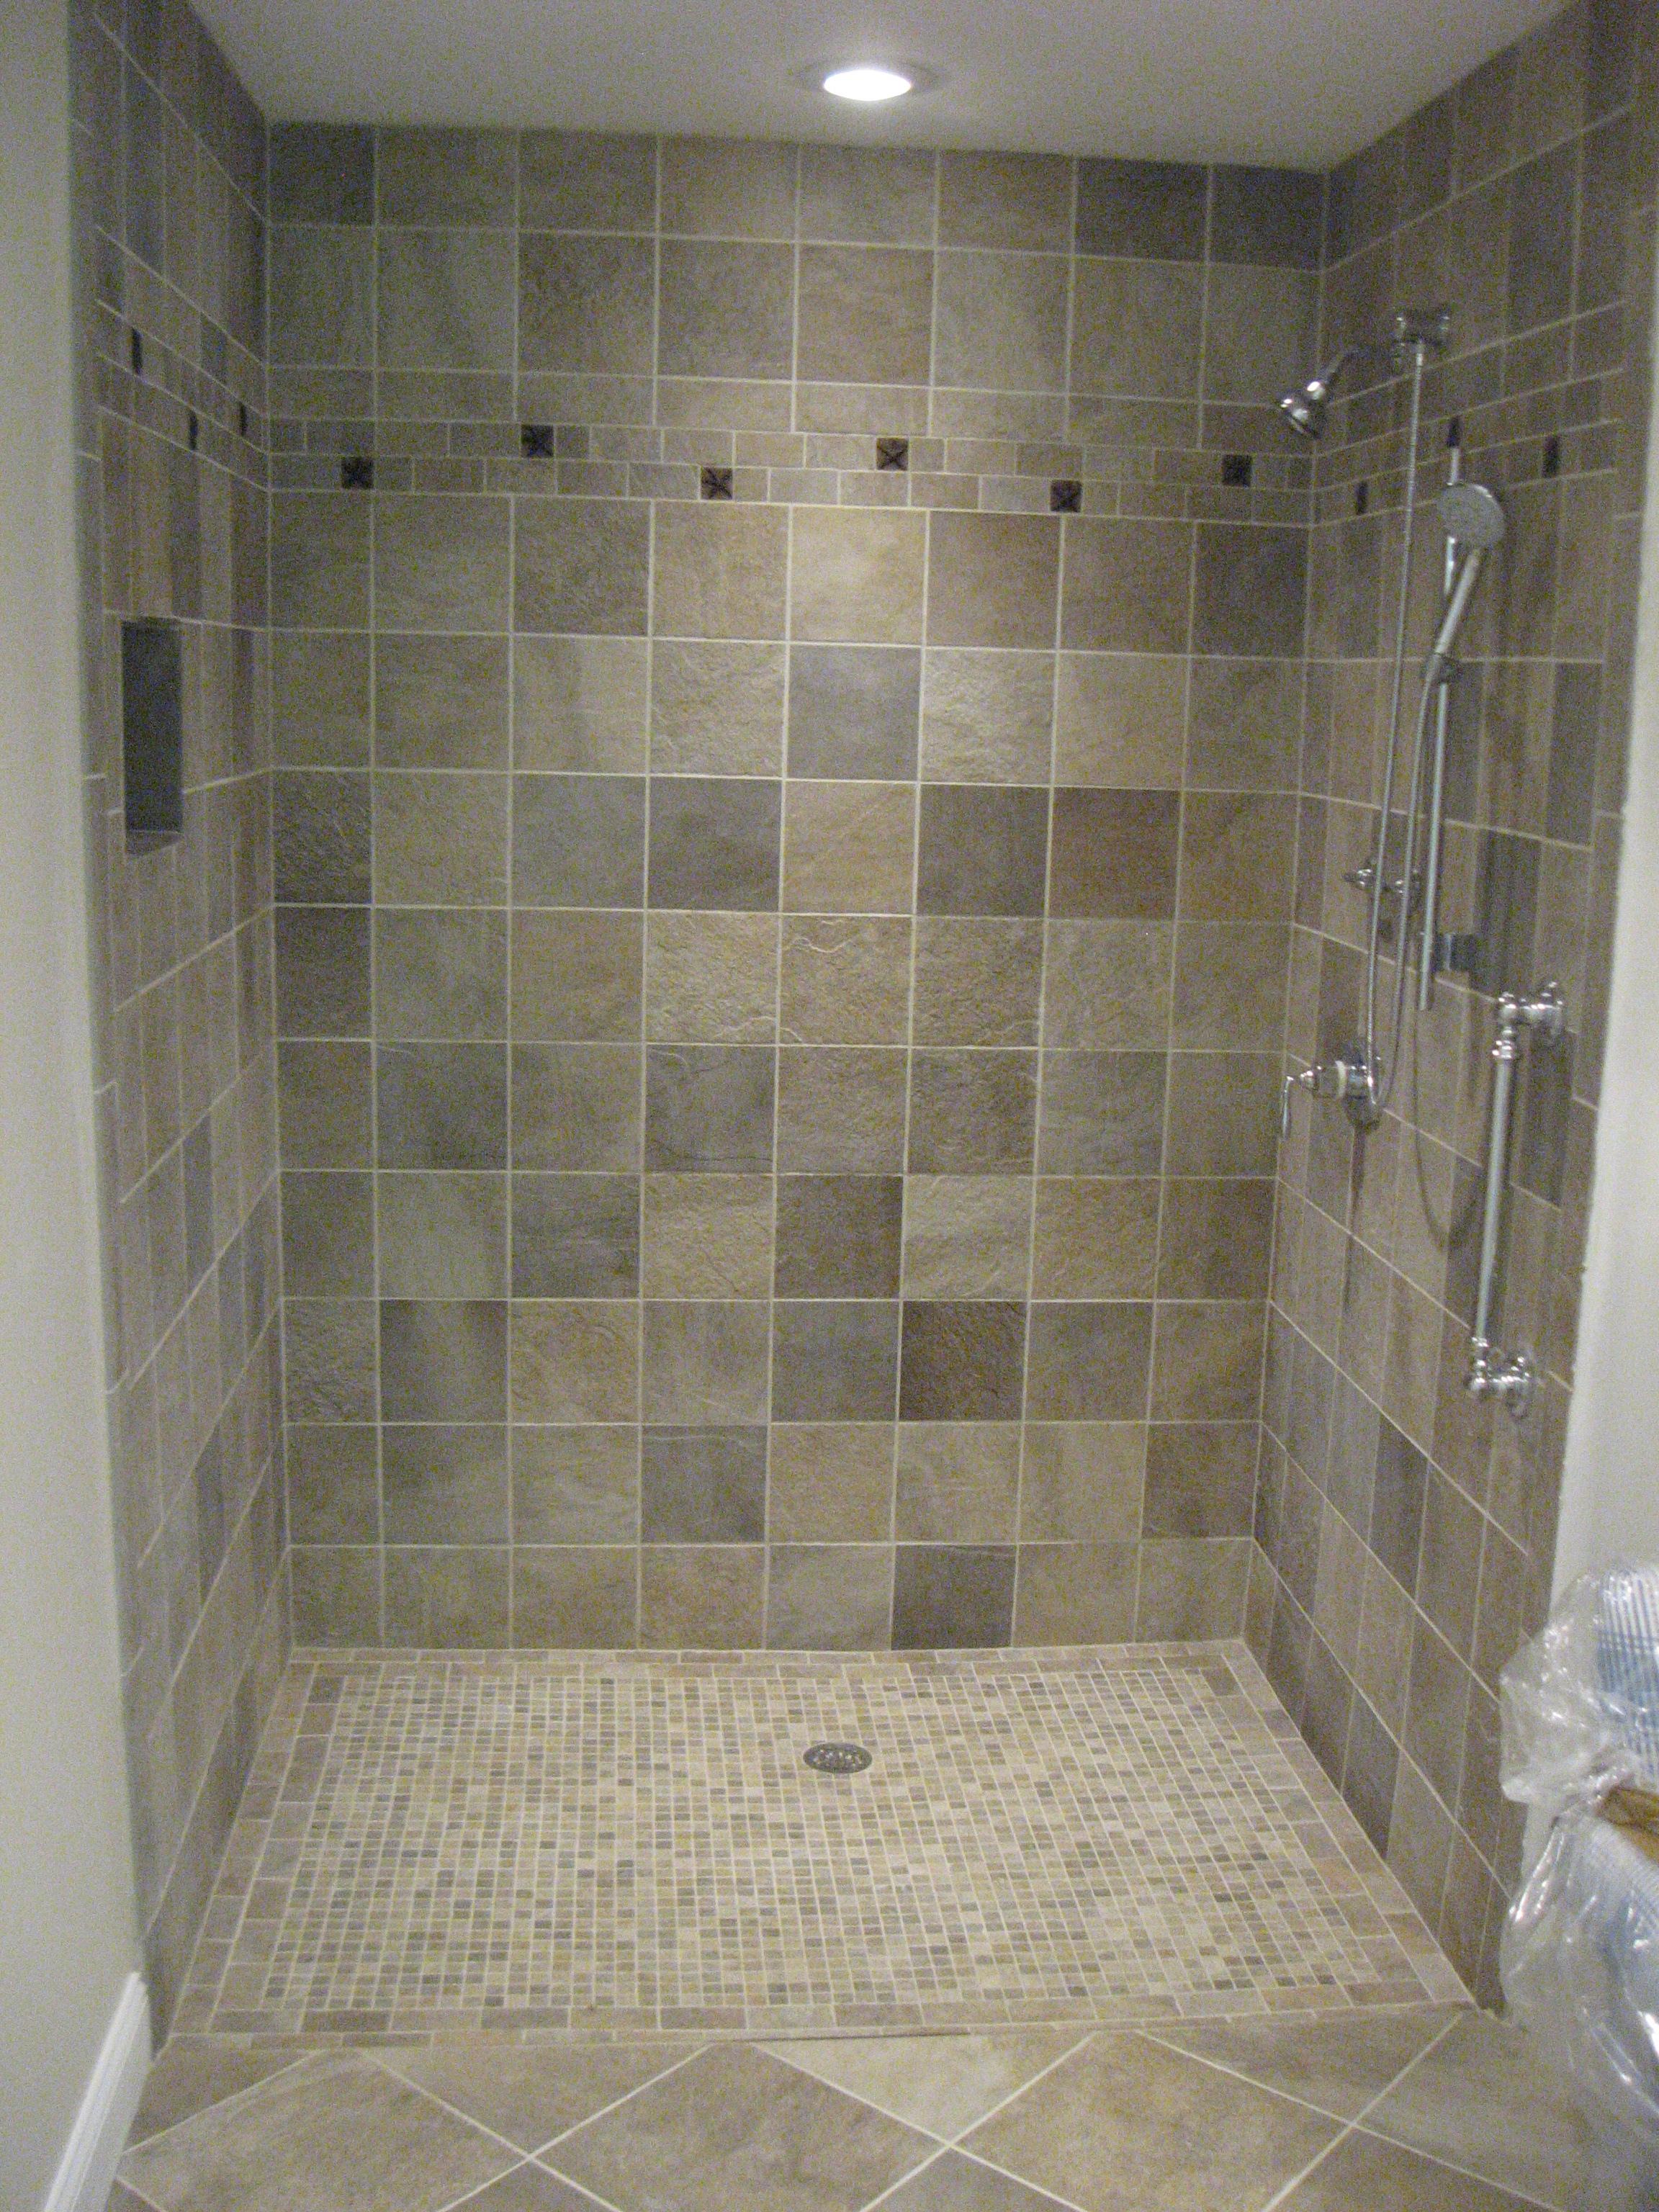 home bathroom tile ideas photo - 3